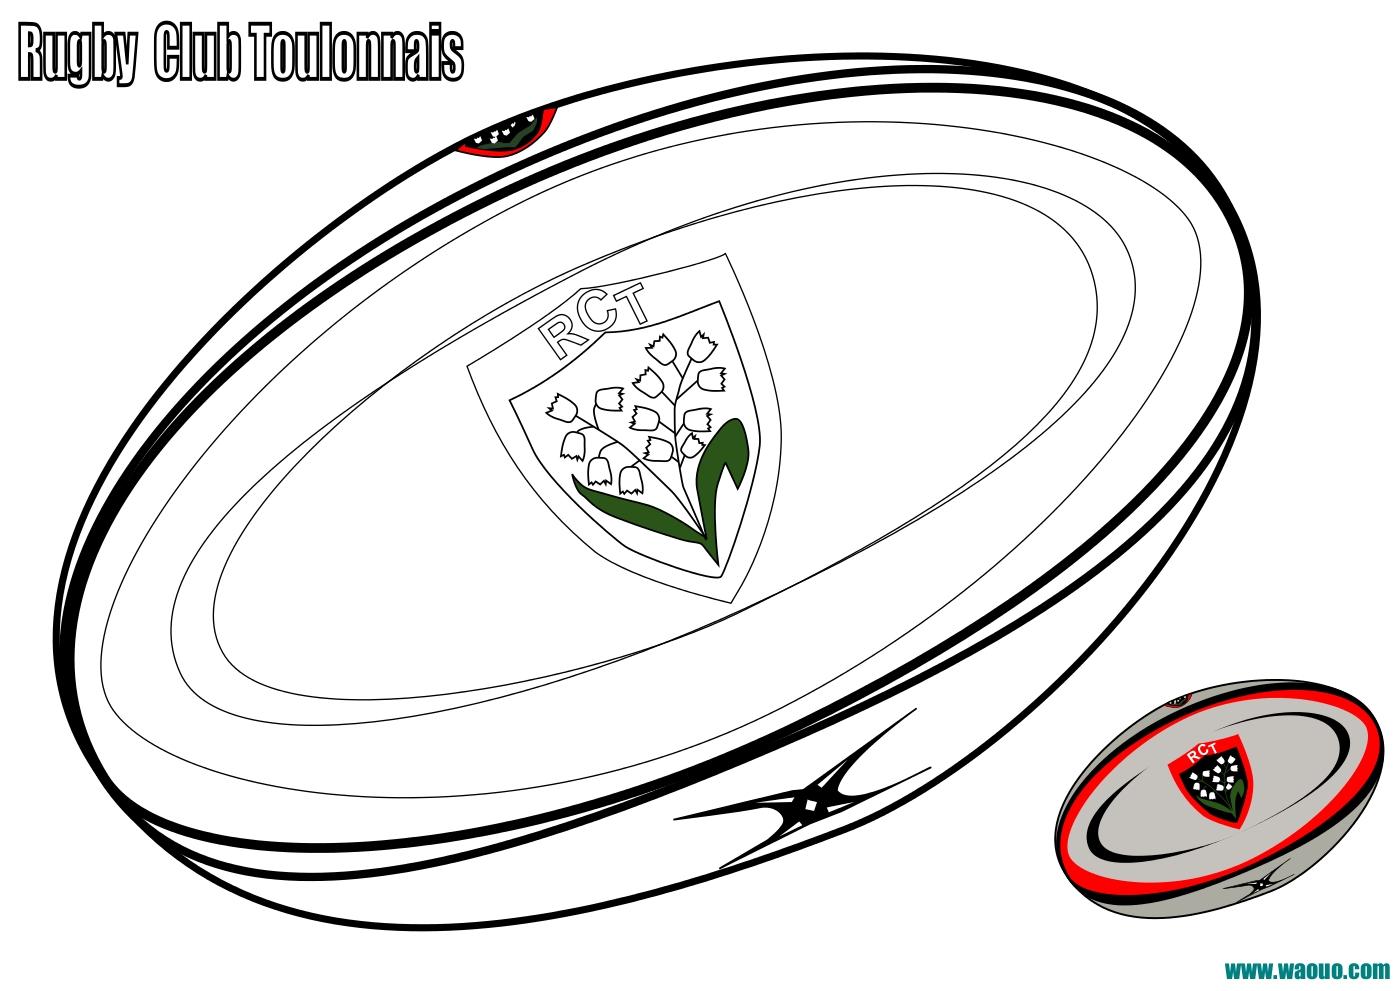 Coloriage Ballon De Rugby.Coloriage Ballon De Rugby Avec Le Rugby Club Toulonnais A